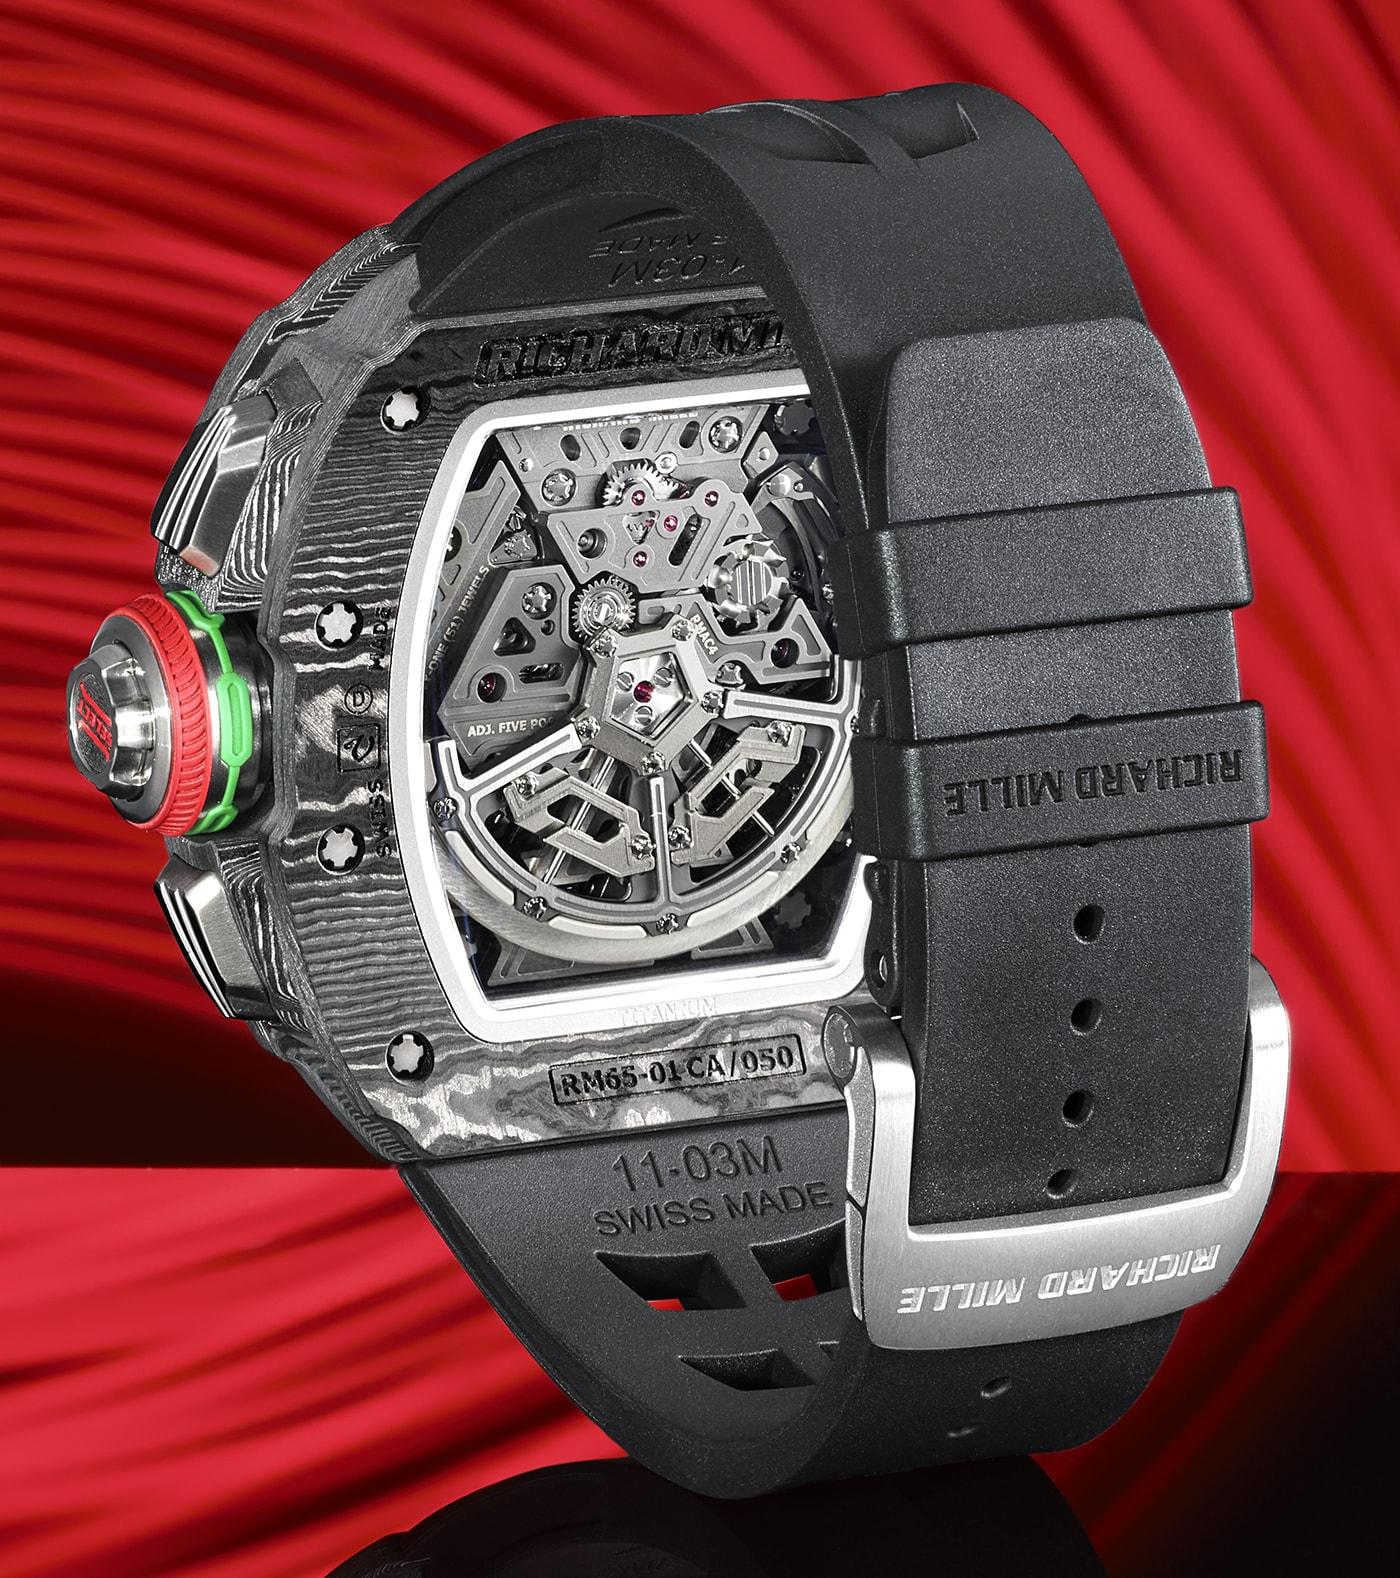 Richard Mille RM 65 01 Automatic Split Seconds Chronograph 3 min